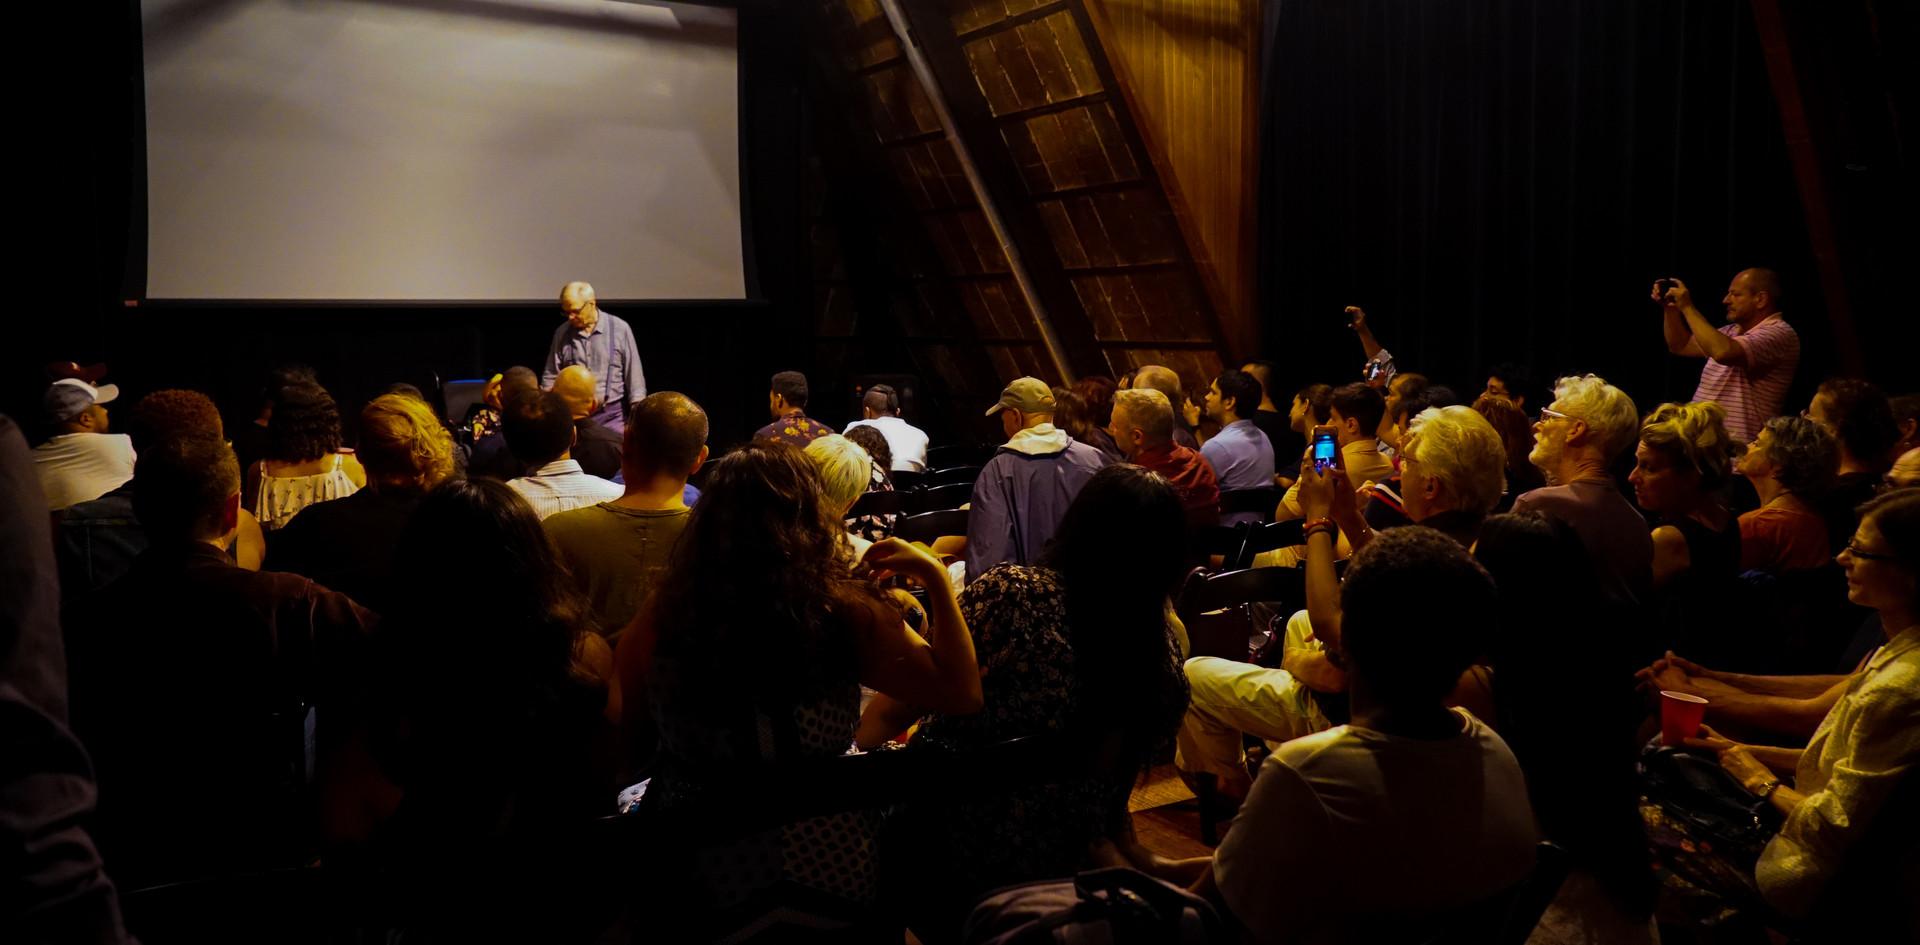 audience3.jpg